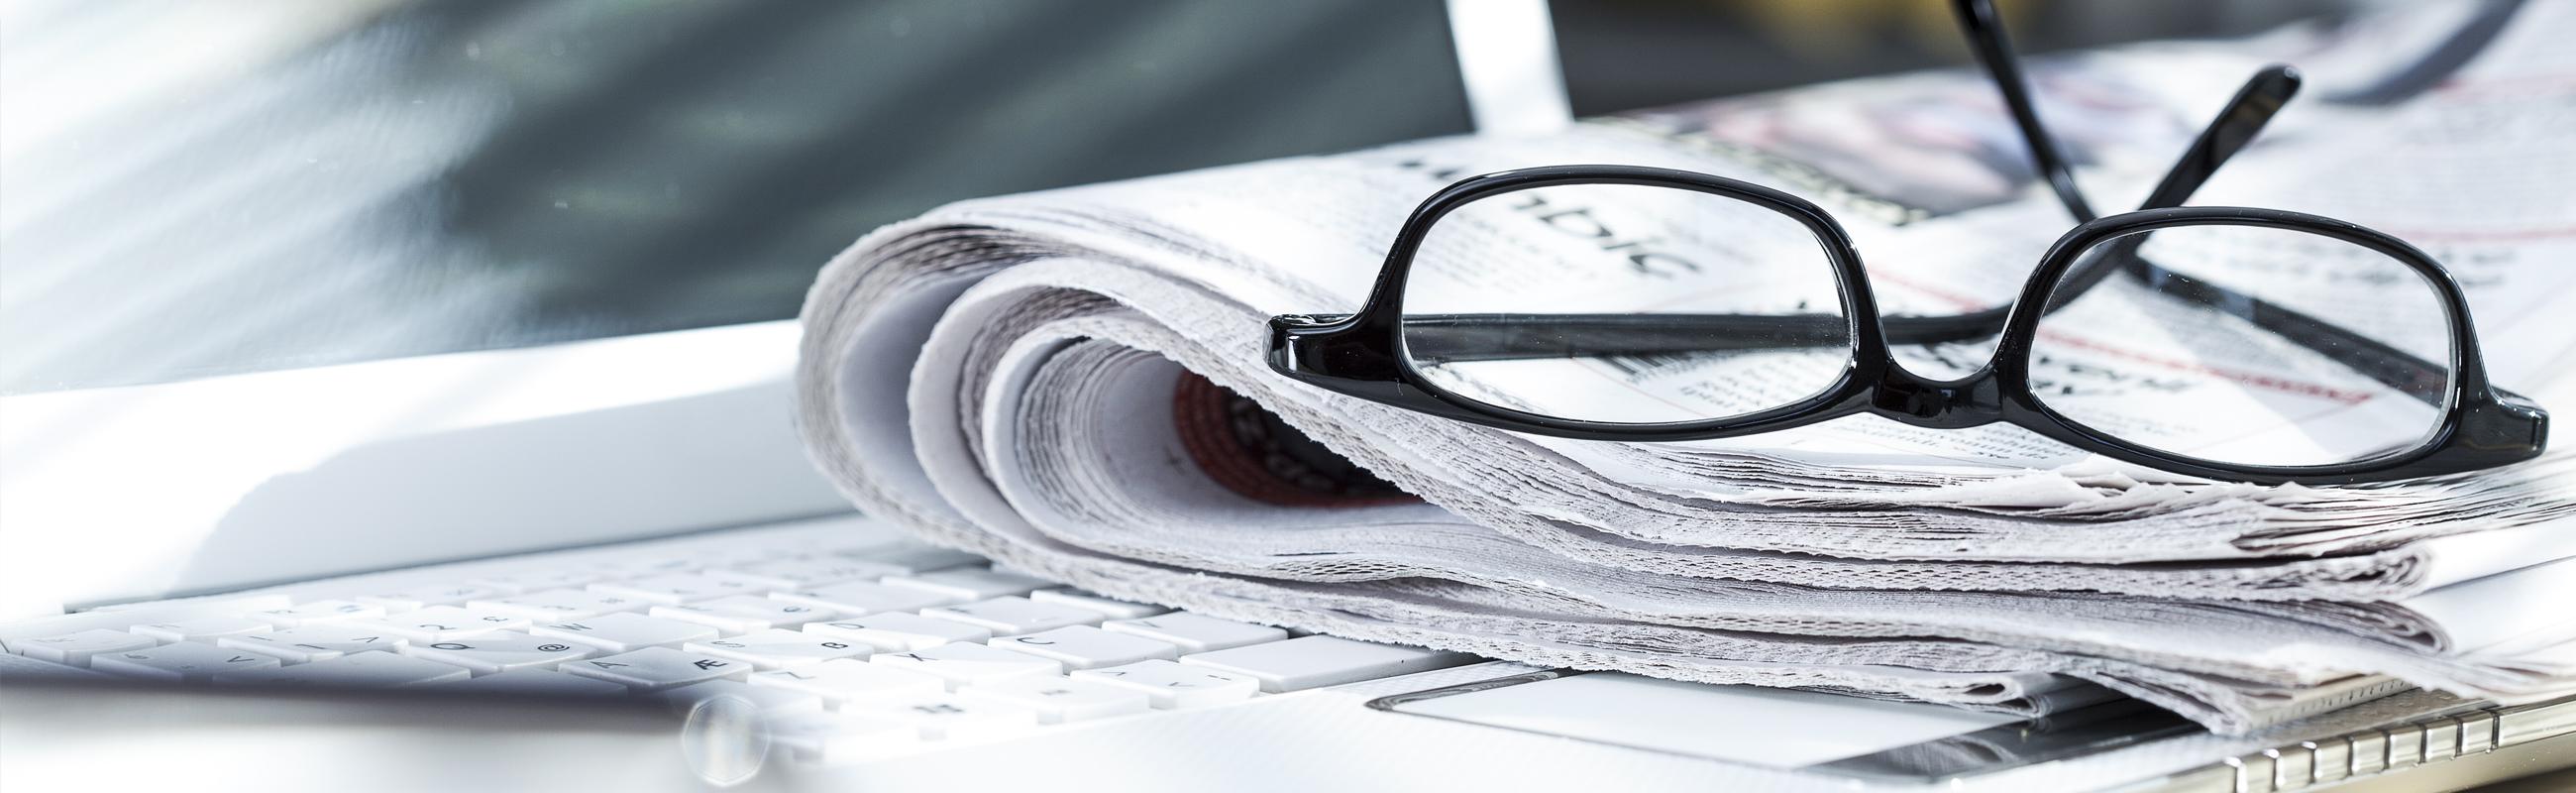 Diritto d'accesso agli atti e documenti della Pubblica amministrazione: quadro aggiornato della giurisprudenza